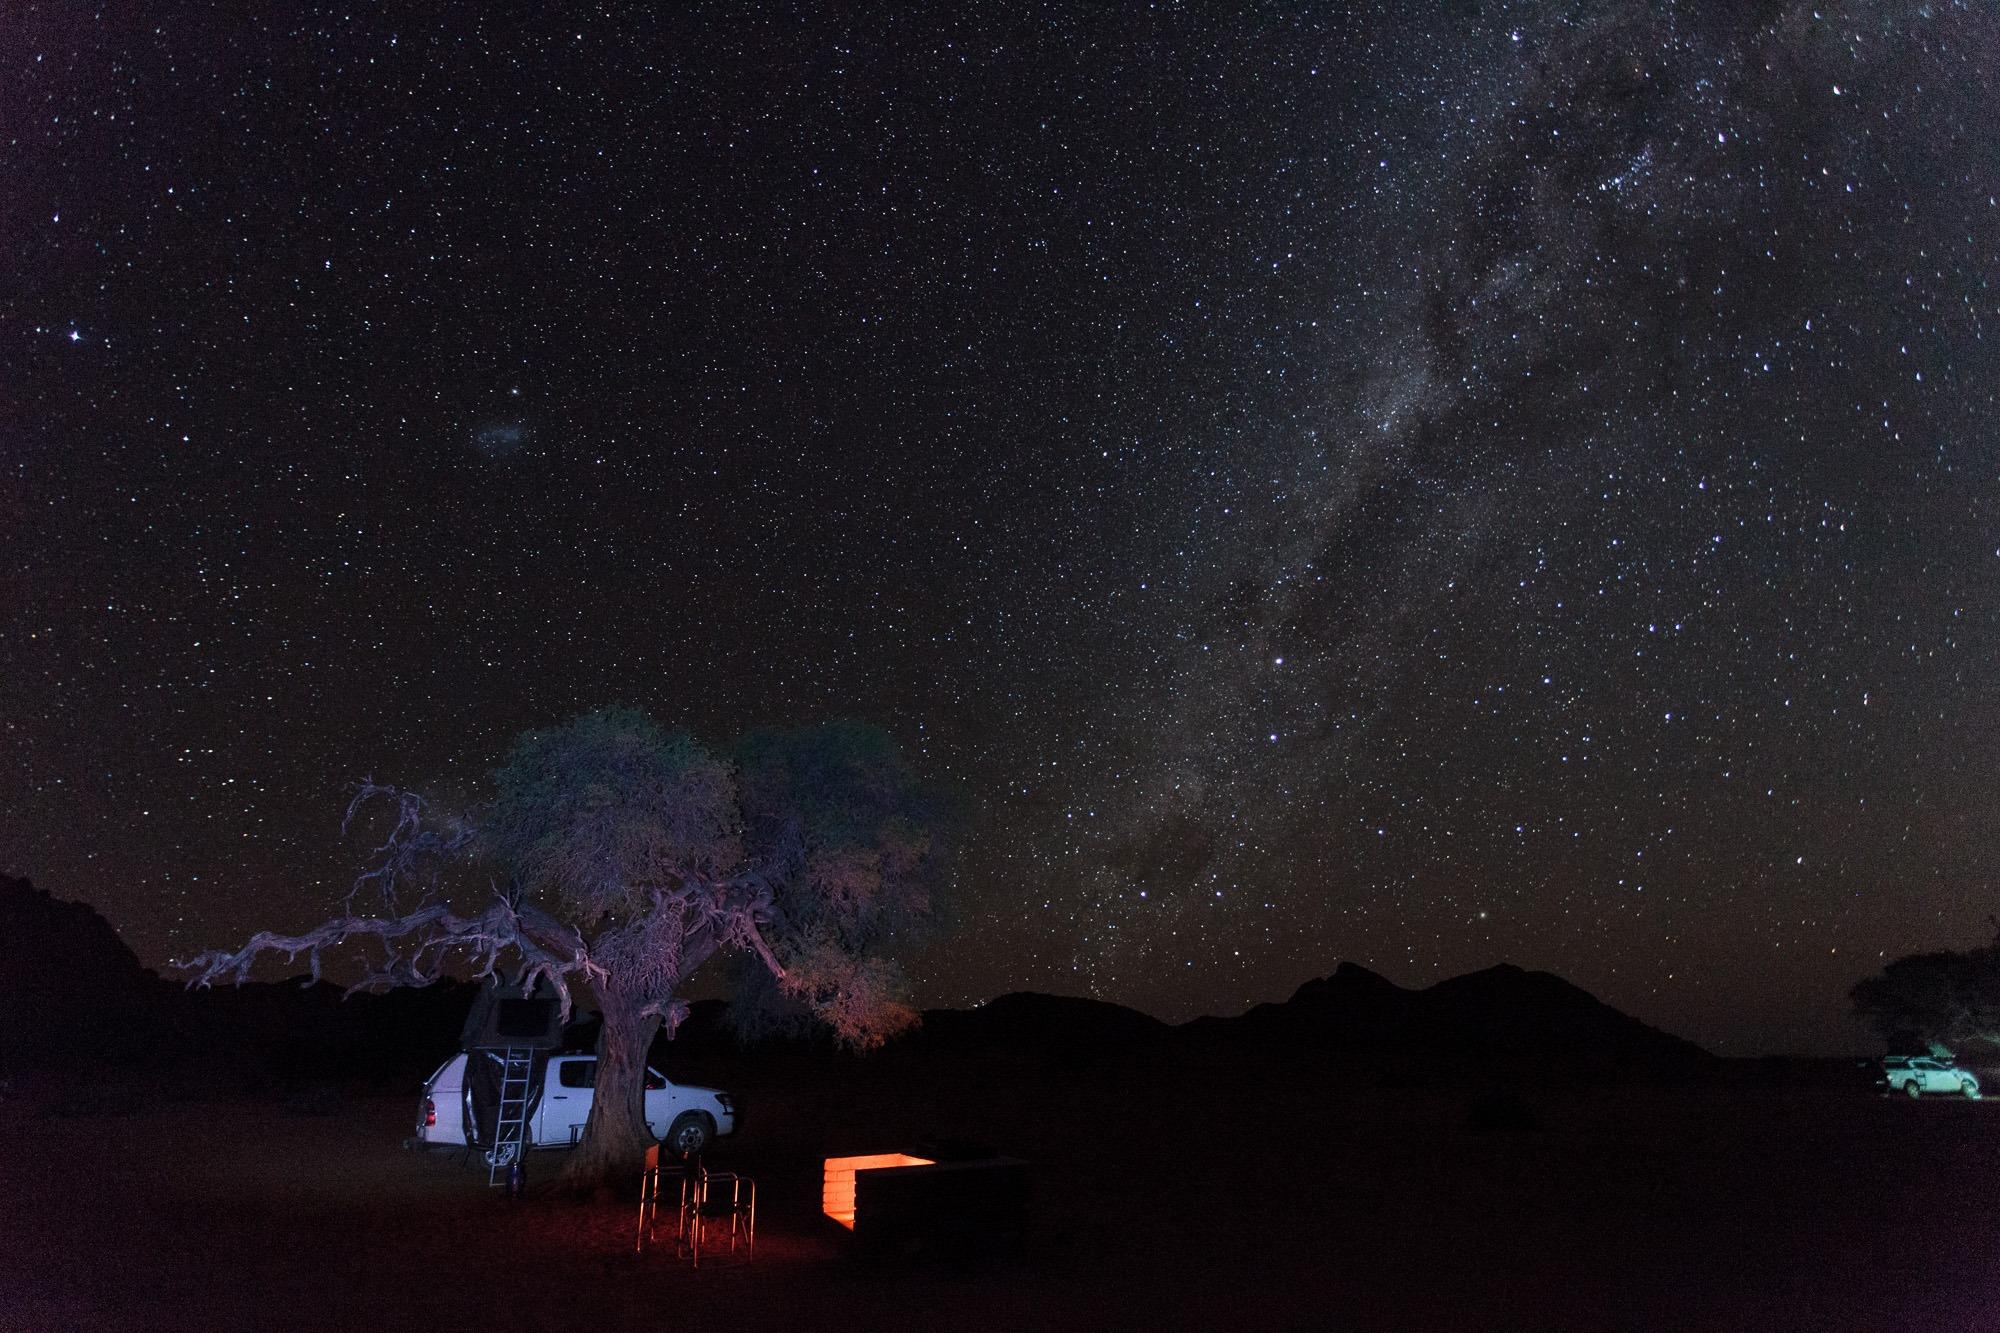 Toyota Hillux mit Dachzelt unter Sternenhimmel Namtib Biosphere Reserve